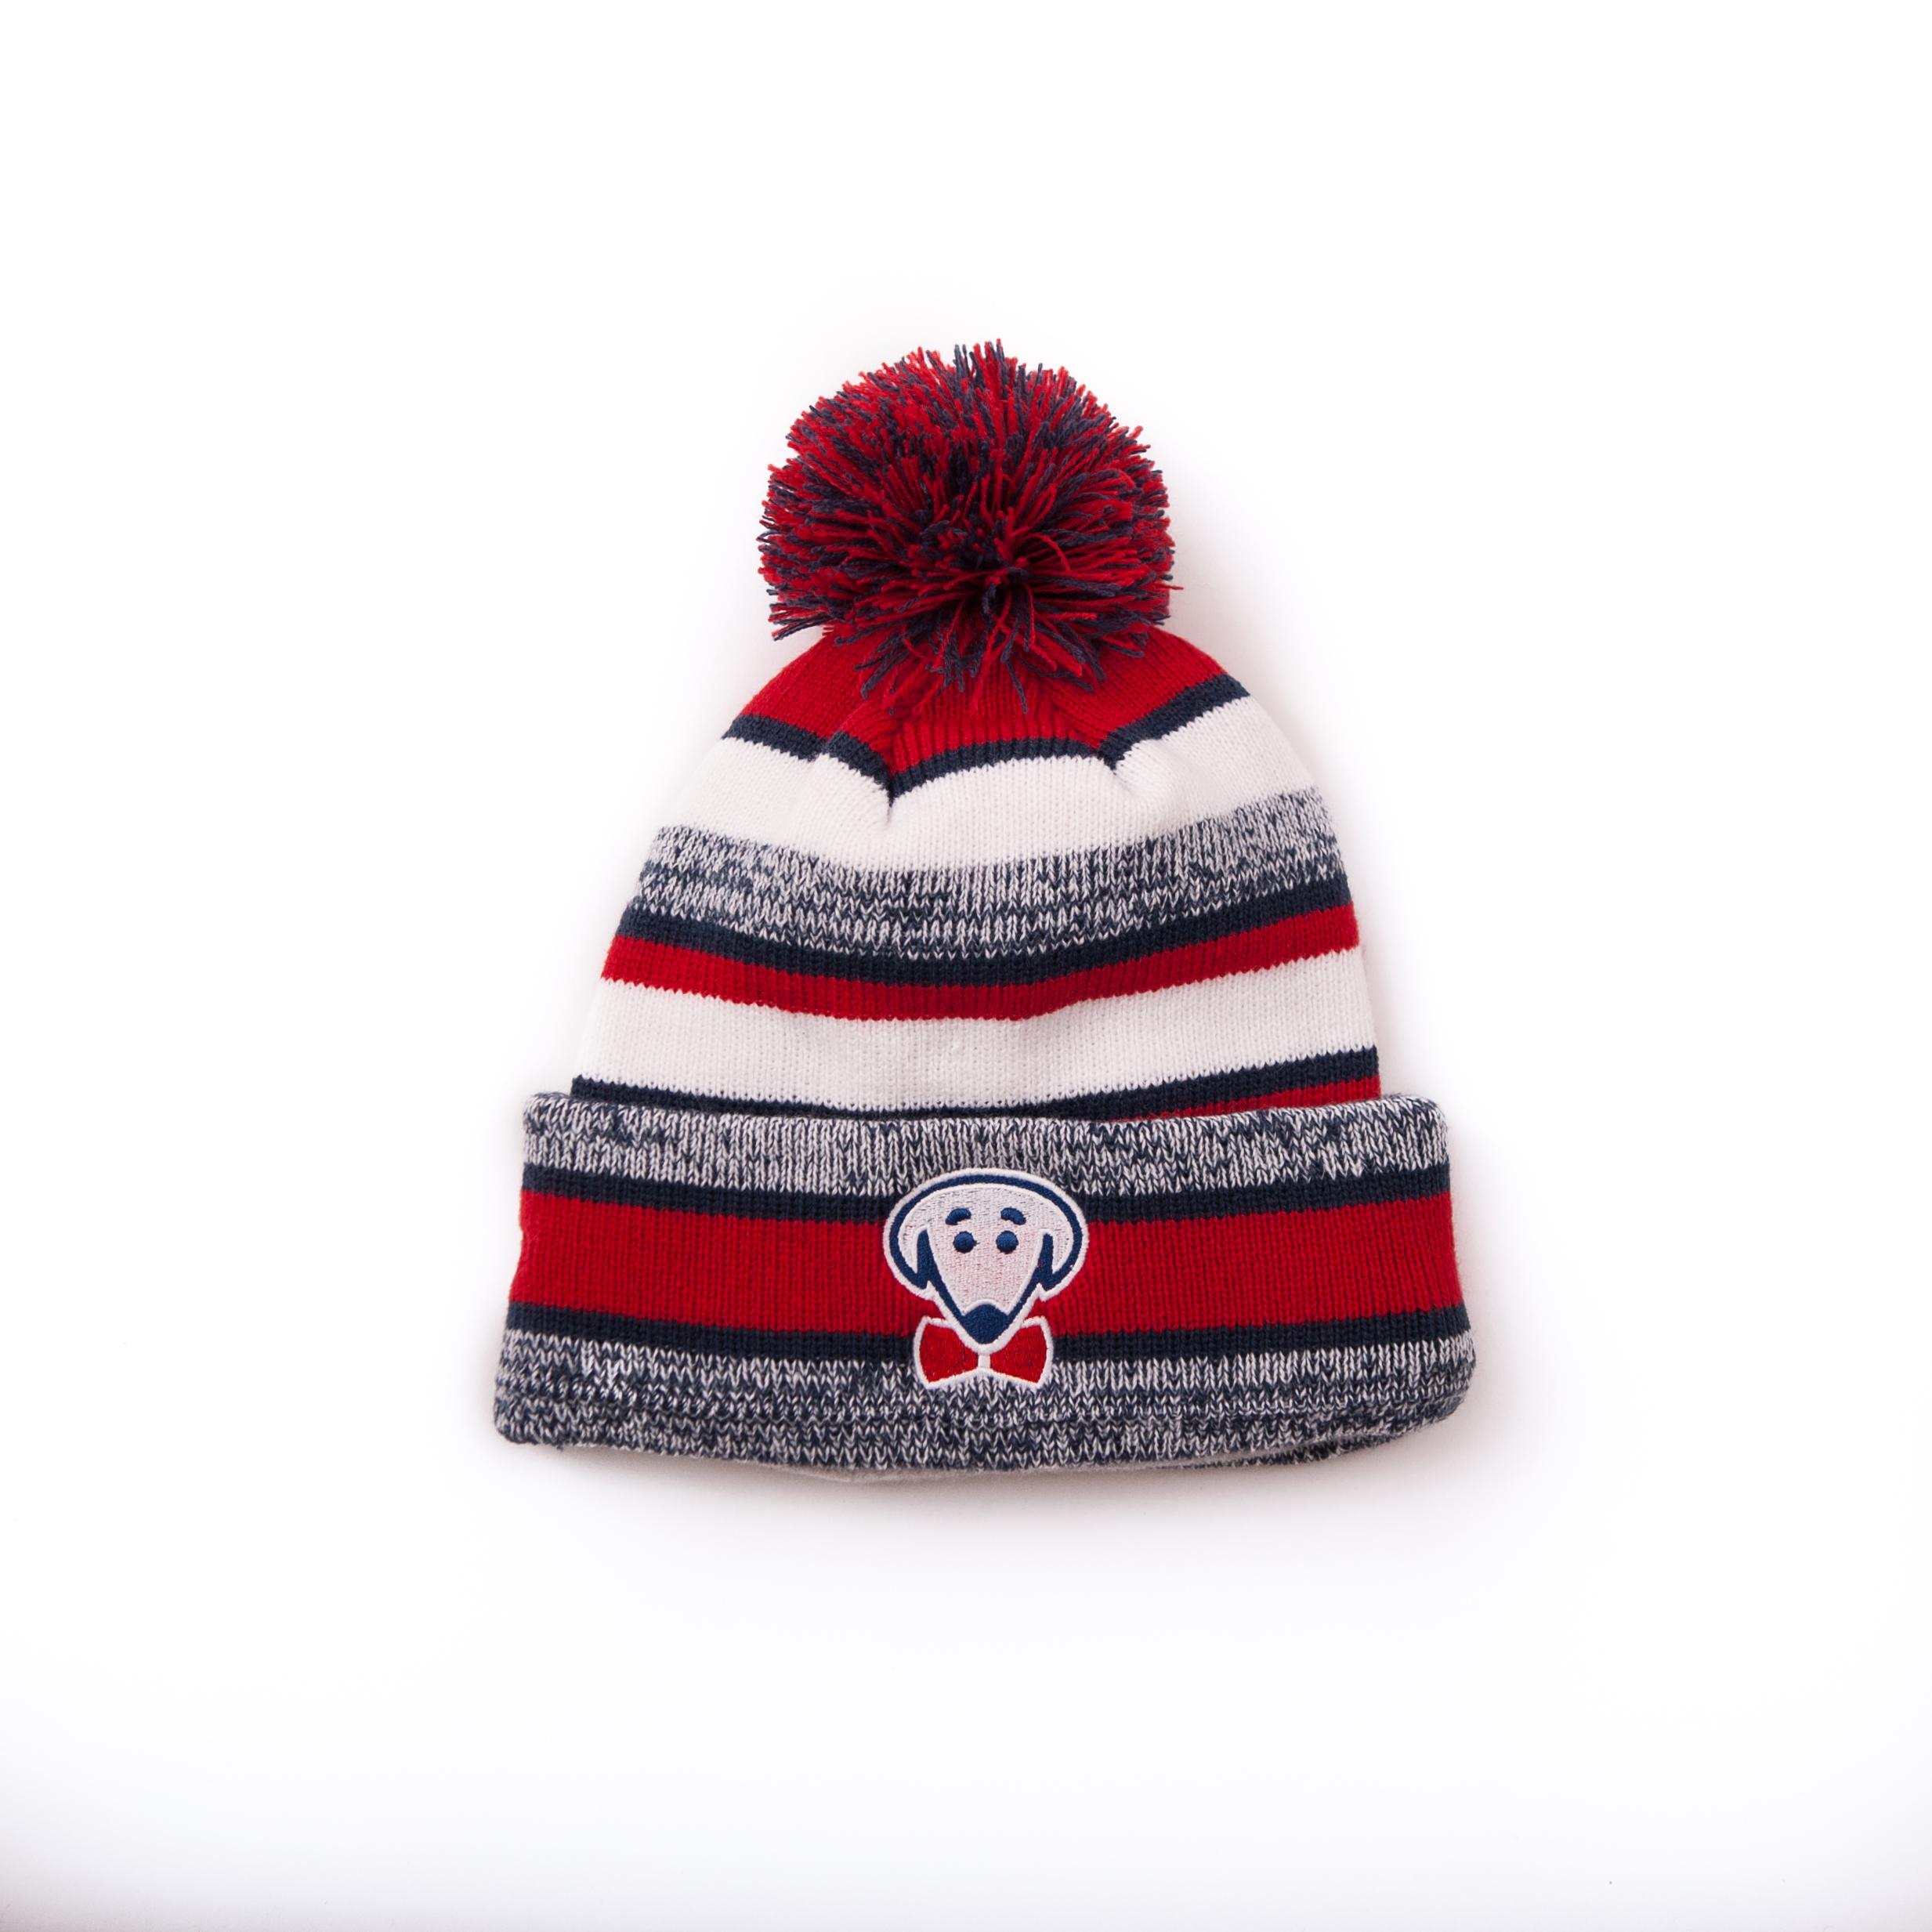 Beau Tyler fleece-lined Mosi winter hat with pom